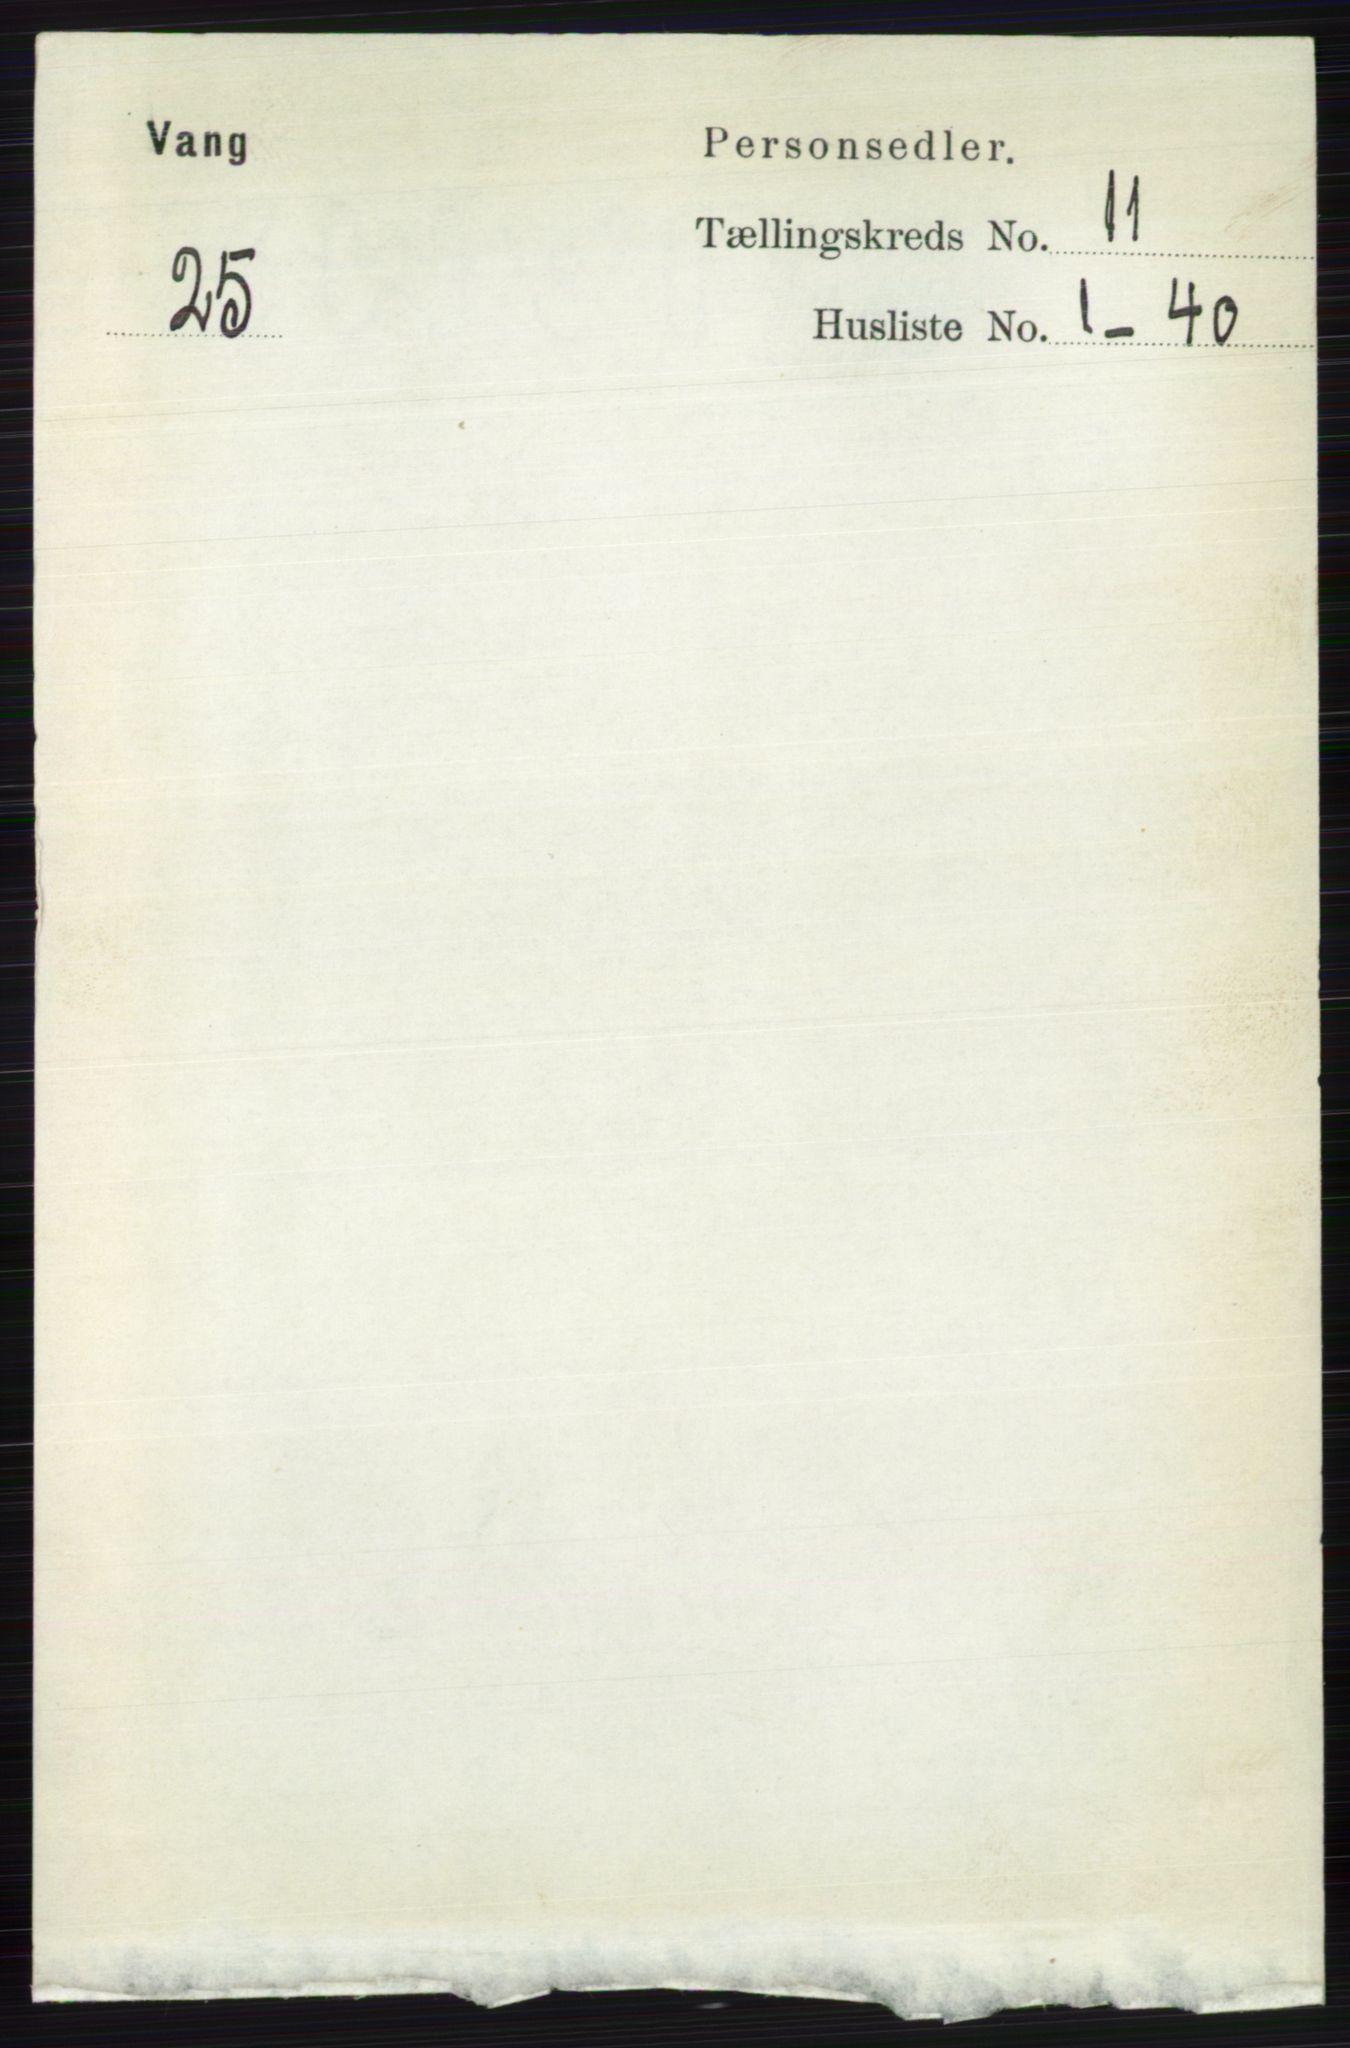 RA, Folketelling 1891 for 0545 Vang herred, 1891, s. 2396